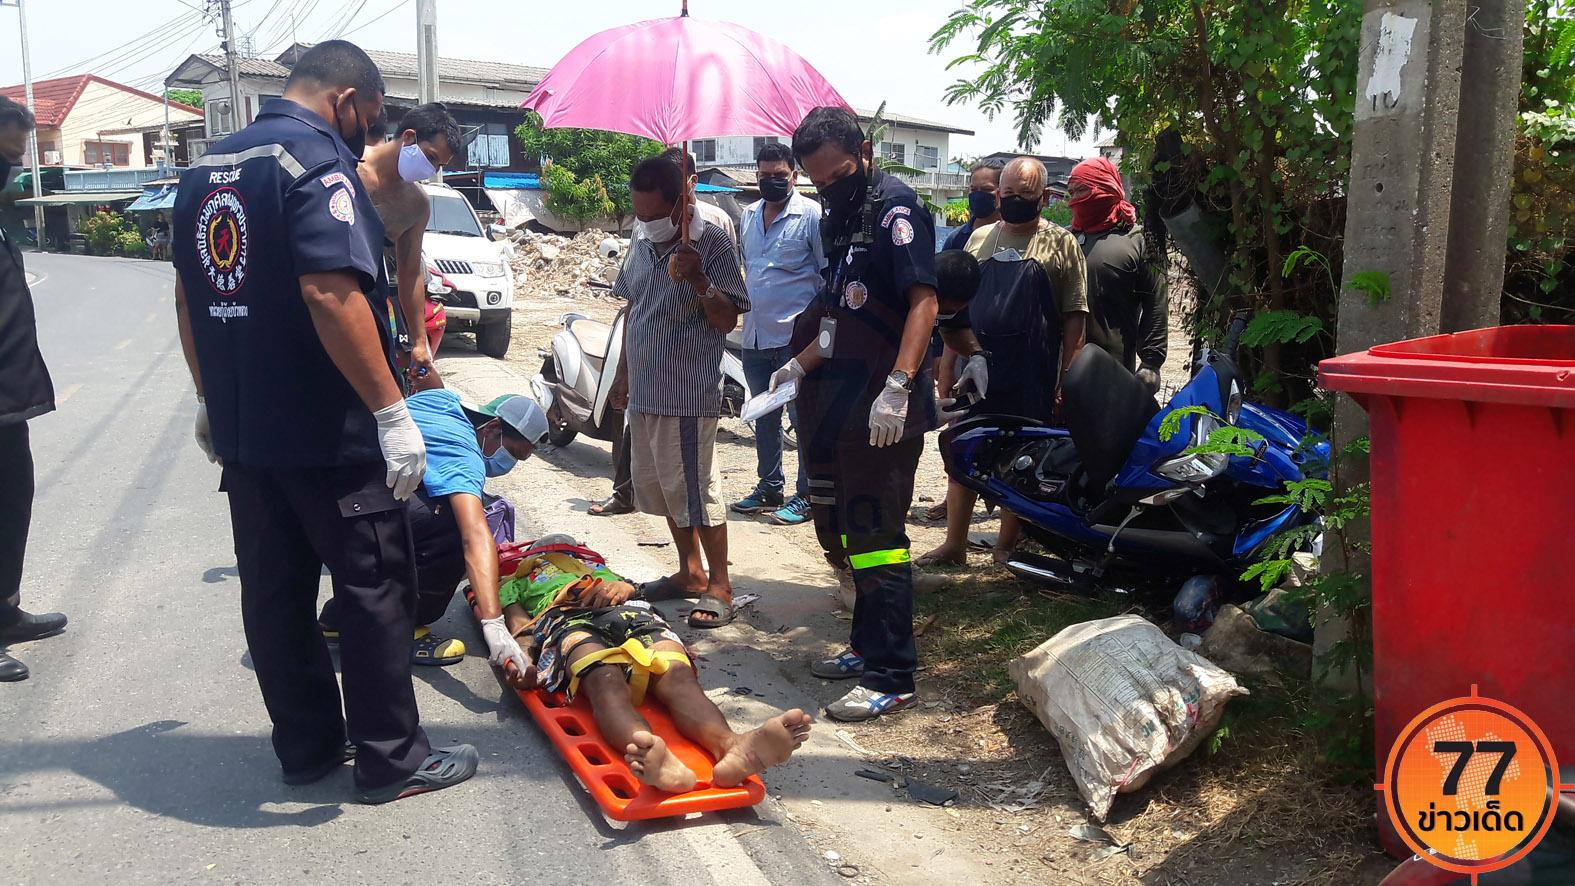 หนุ่มซิ่งจักรยานยนต์หักหลบรถสวน จนหลุดโค้งพุ่งชนเสาไฟฟ้าเจ็บสาหัส